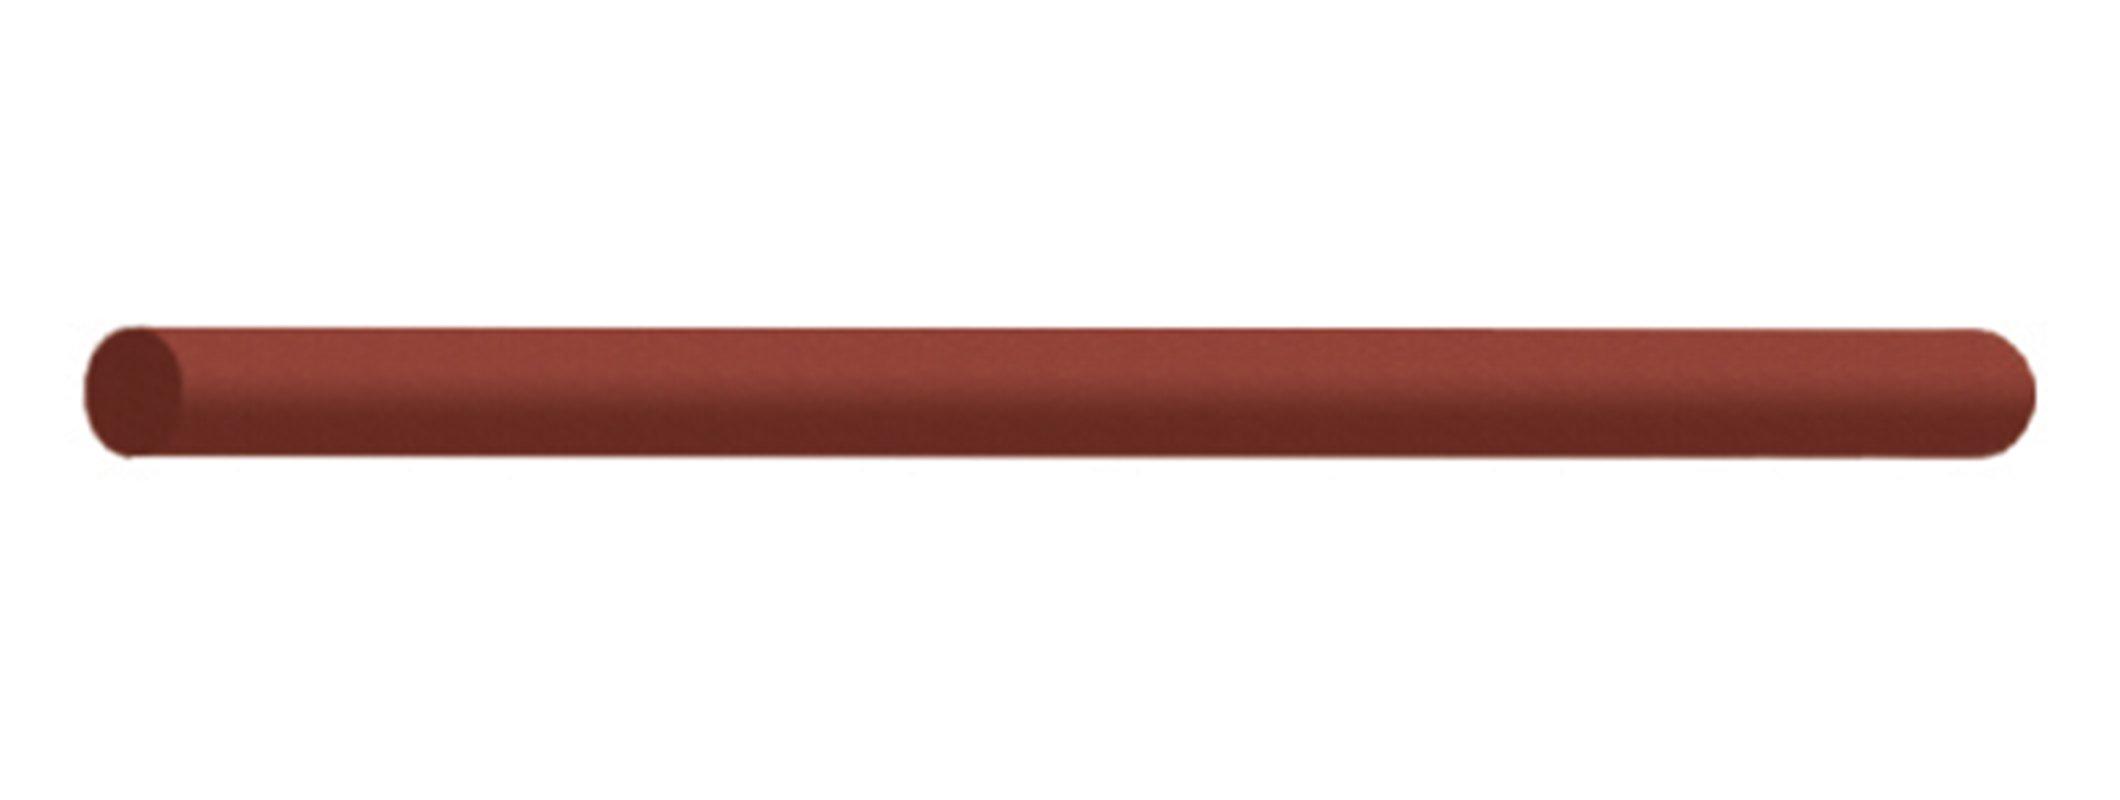 Coarse Black Dedeco 0222 Rubberized Abrasive Block//Stick 6 x 3//16 Silicon Carbide Round